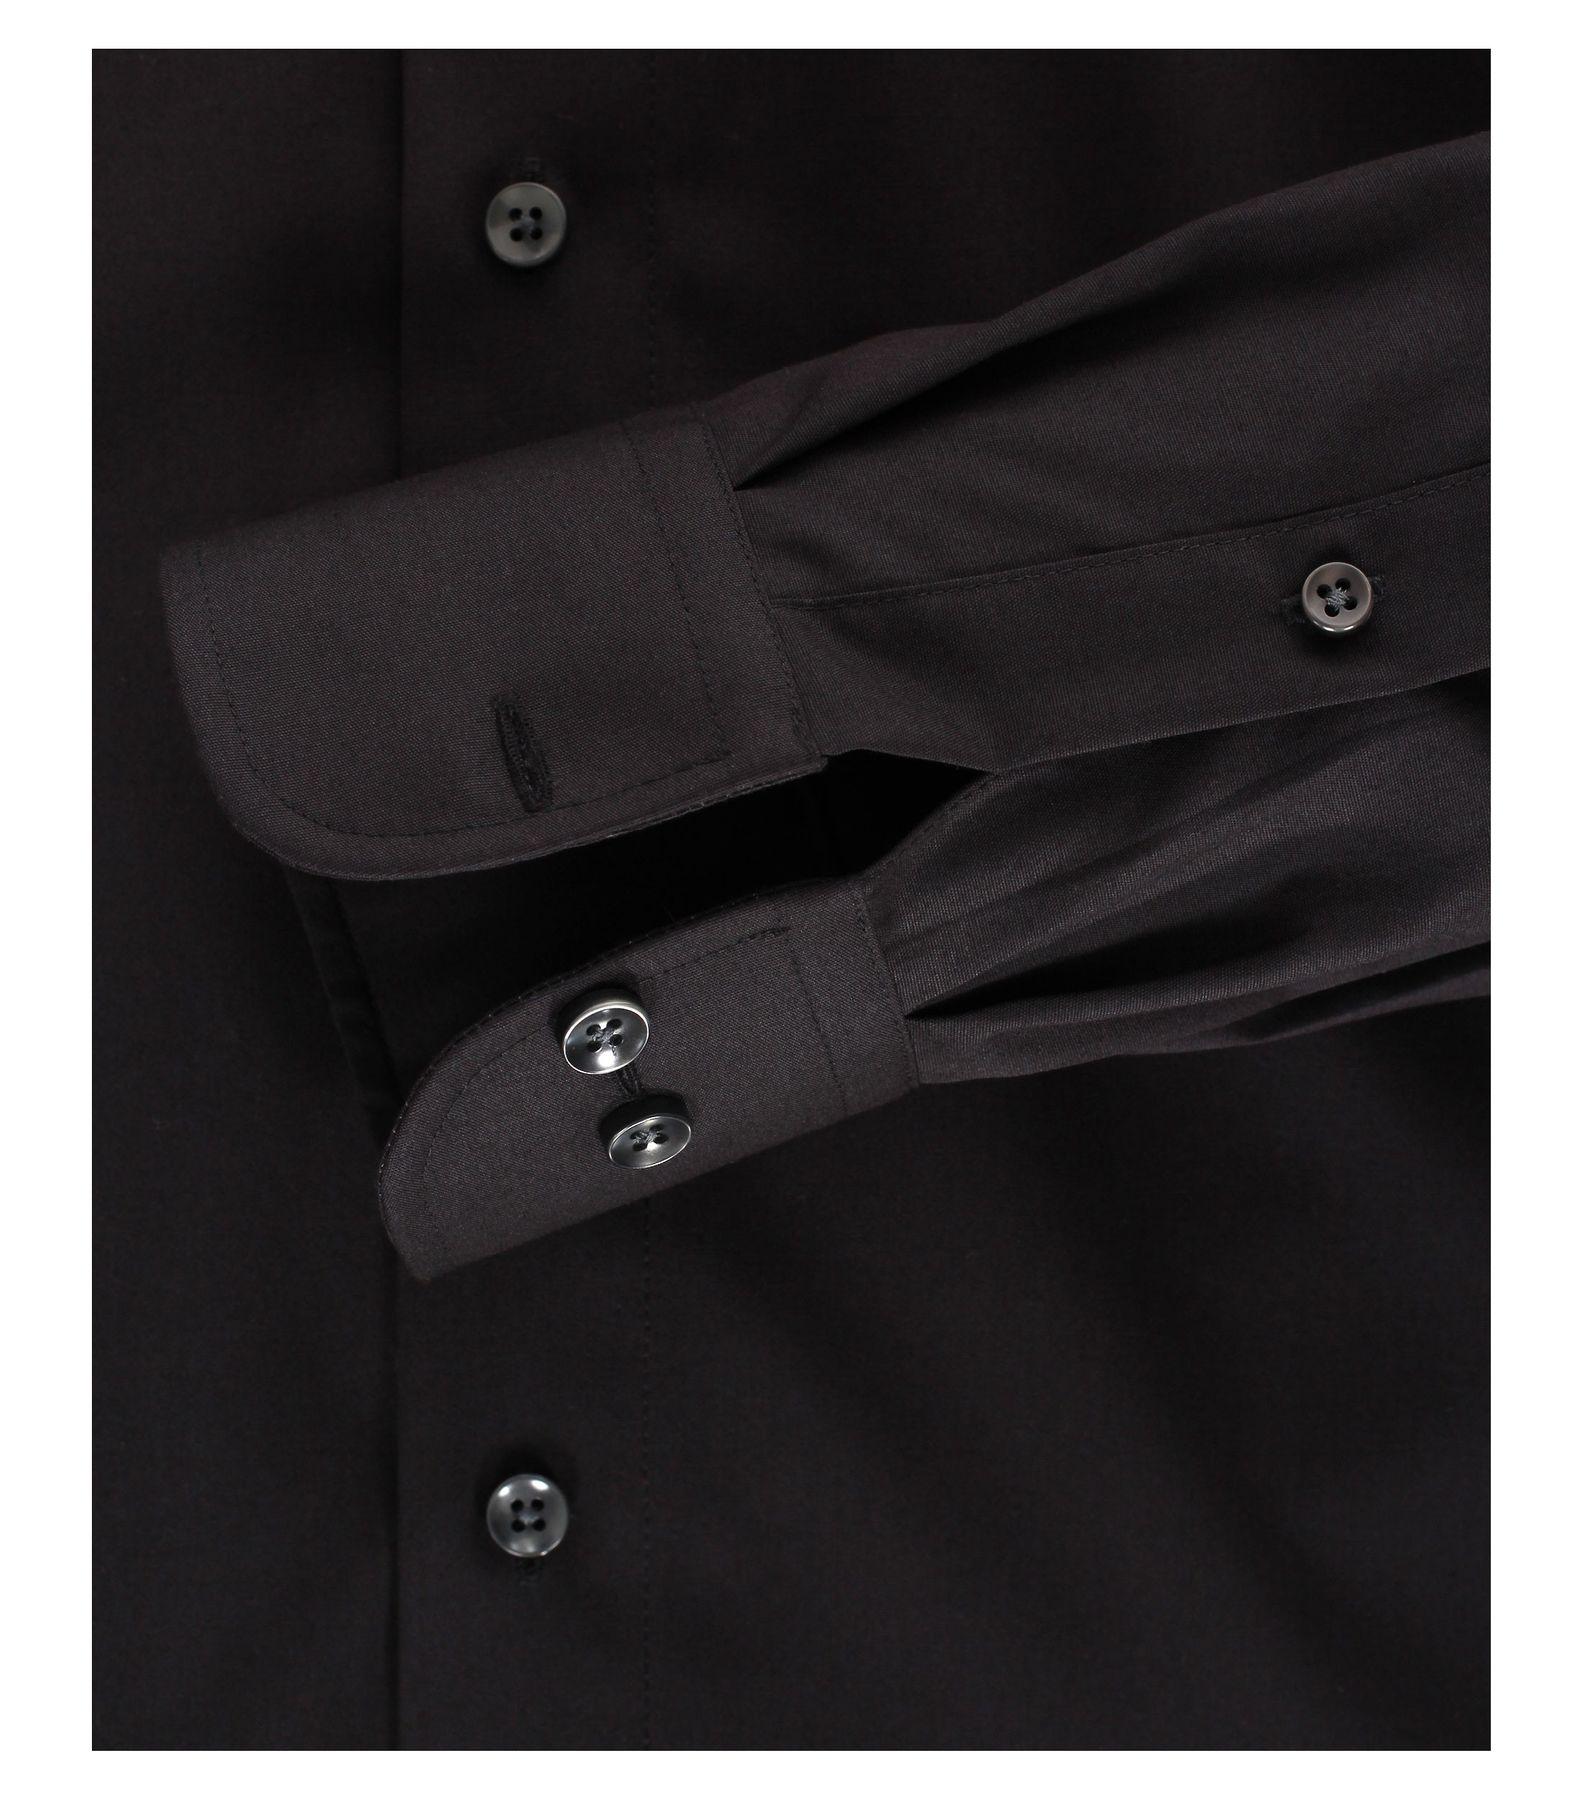 Casa Moda - Comfort Fit - Bügelfreies Herren Business langarm Hemd verschiedene Farben (006050) – Bild 23